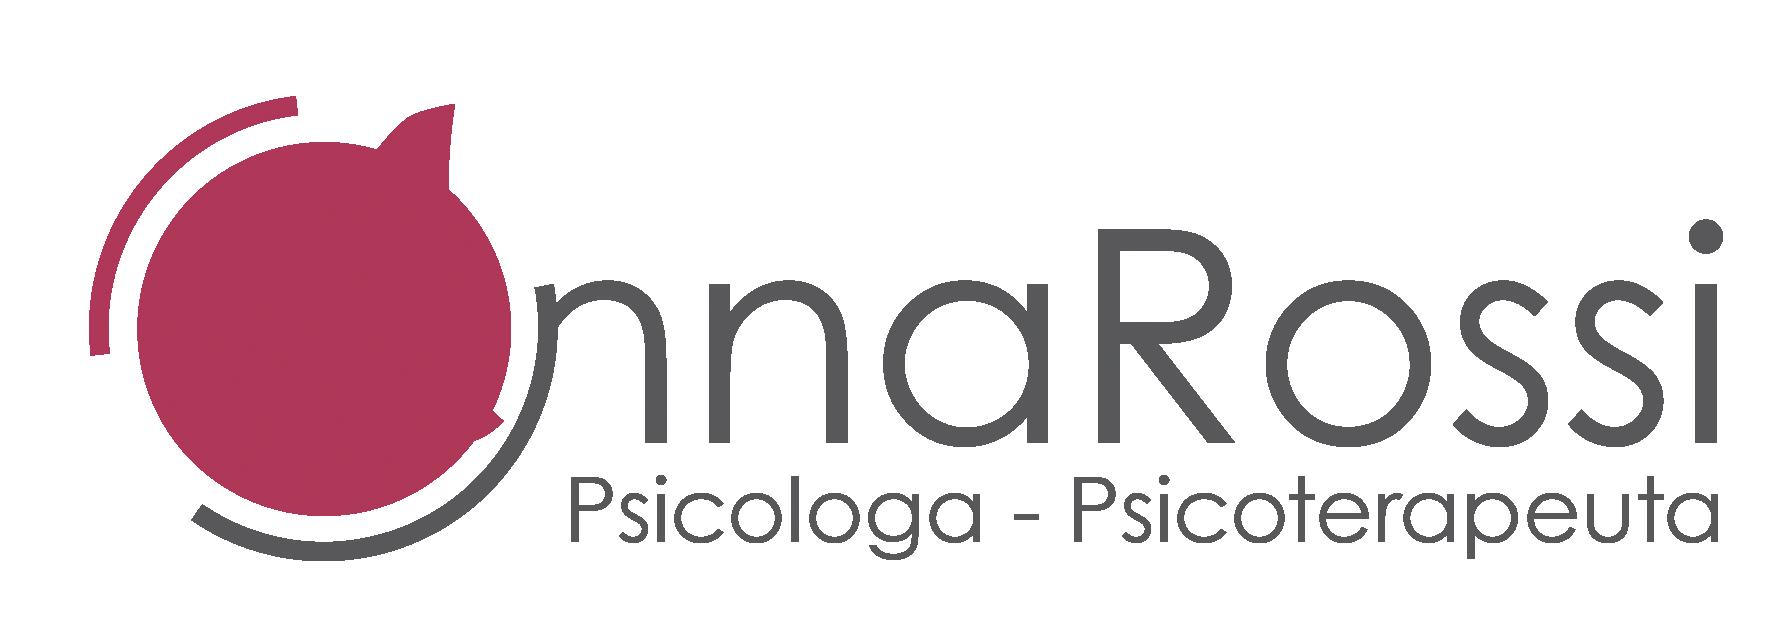 Anna Rossi Psicologa Psicoterapeuta